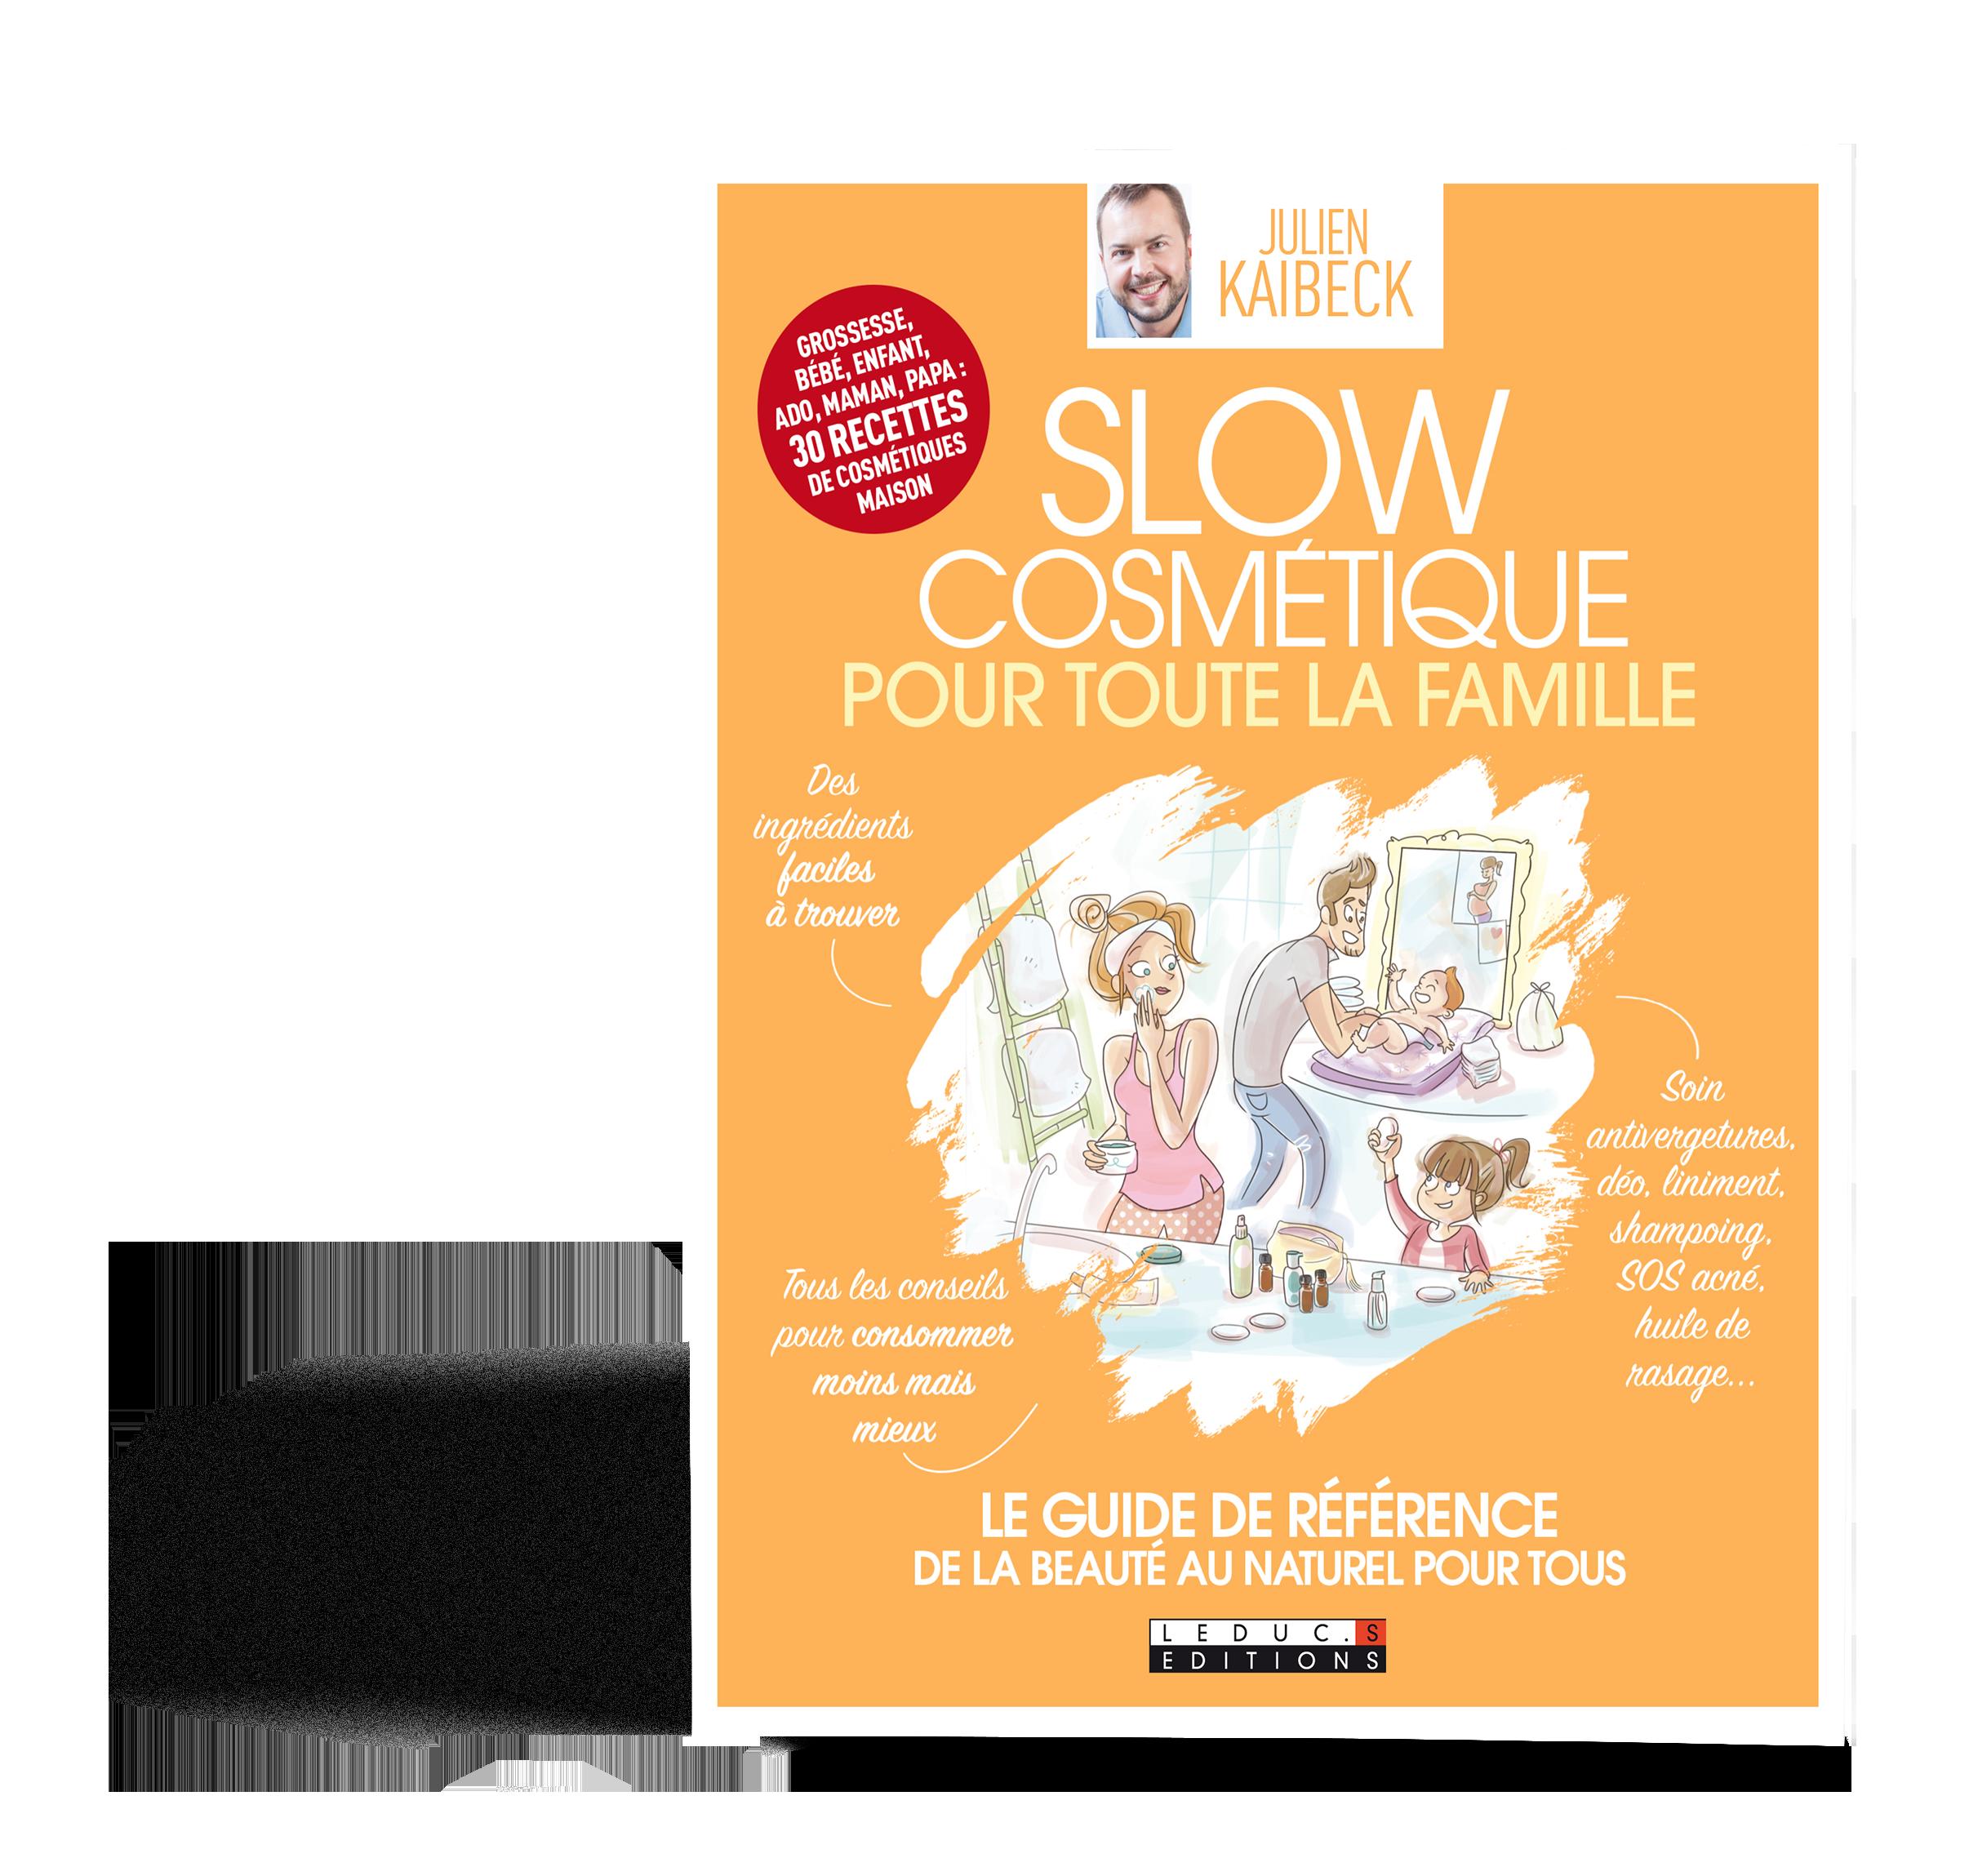 slow-cosmetique-pour-toute-la-famille